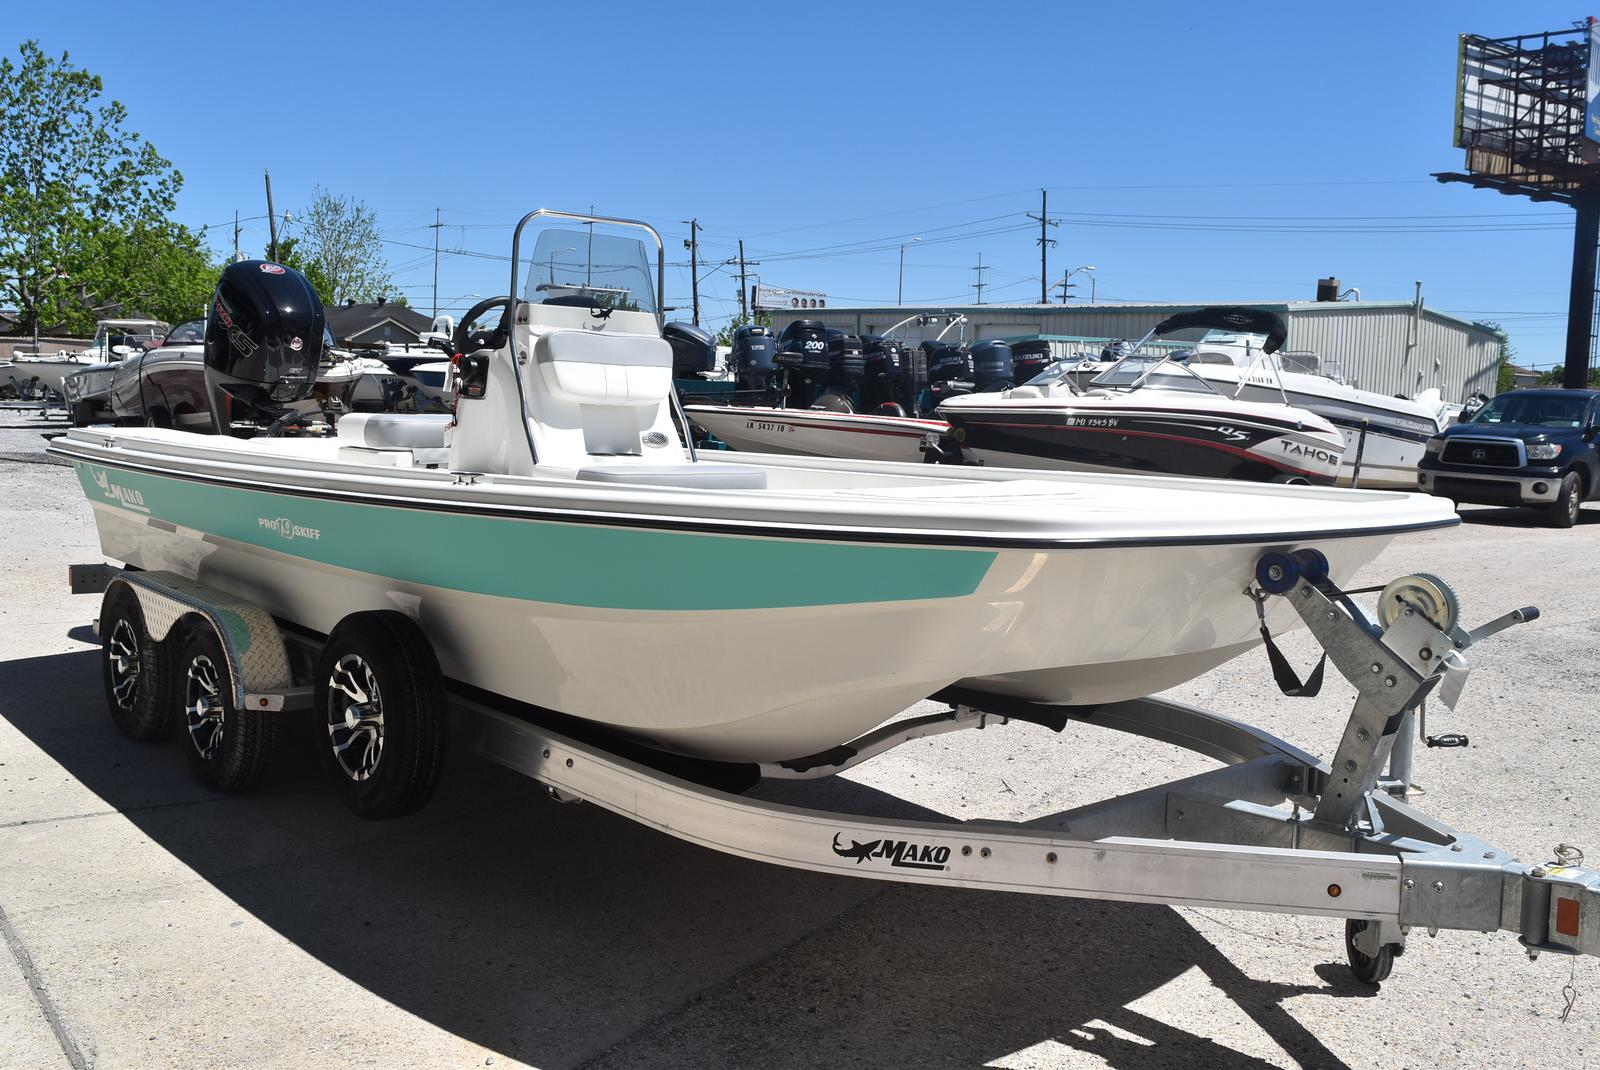 New  2019 Mako Boats Bay Boat in Marrero, Louisiana